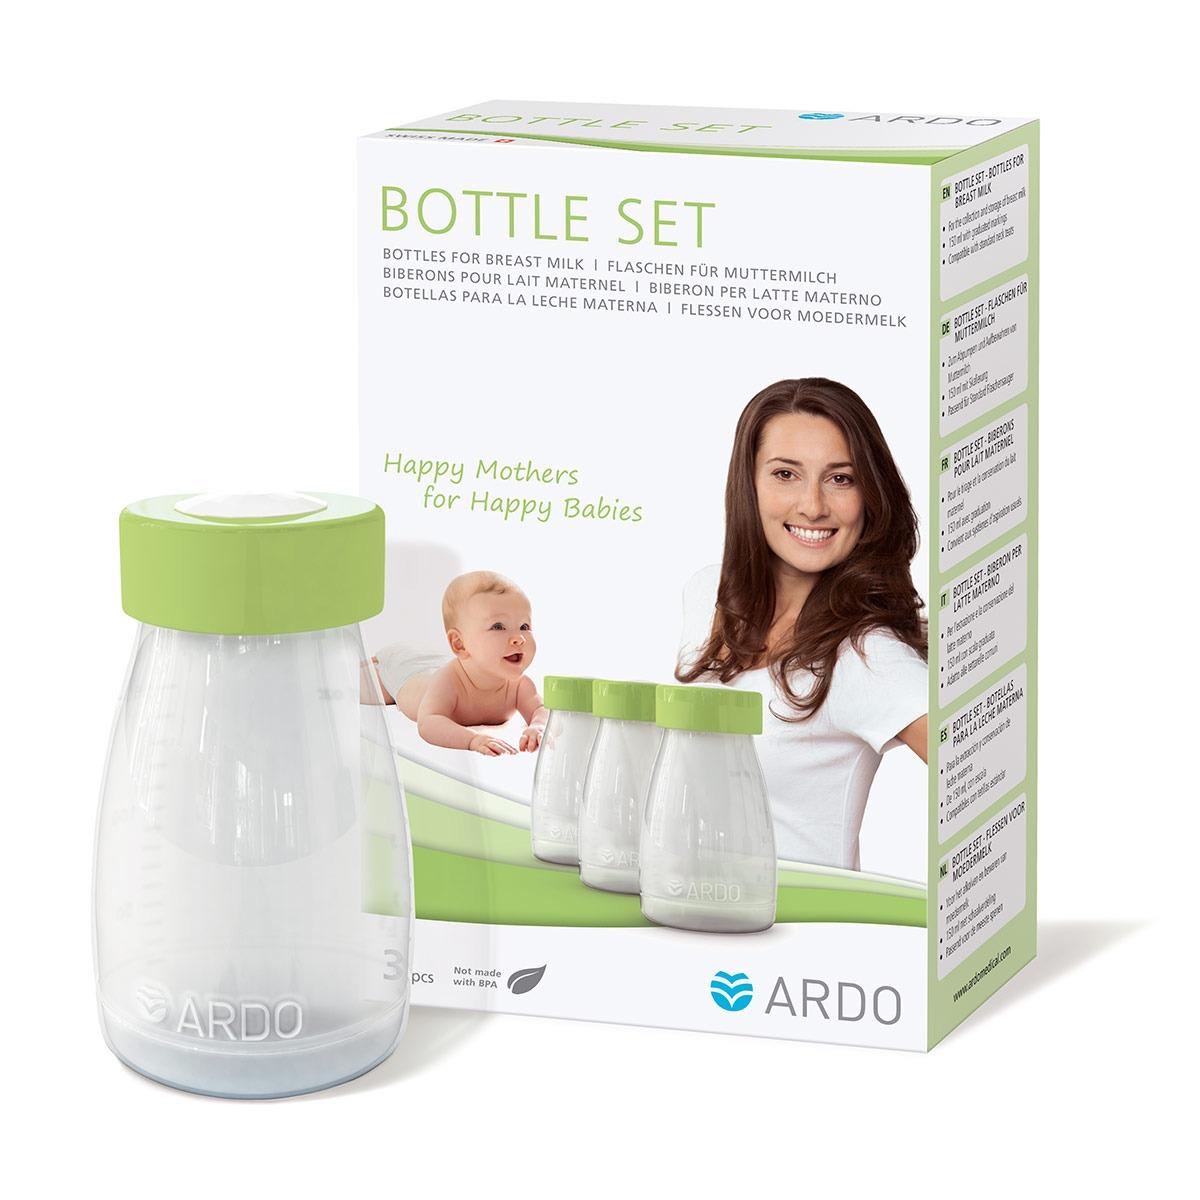 Μπουκαλάκια αποθήκευσης μητρικού γάλακτος - ARDO